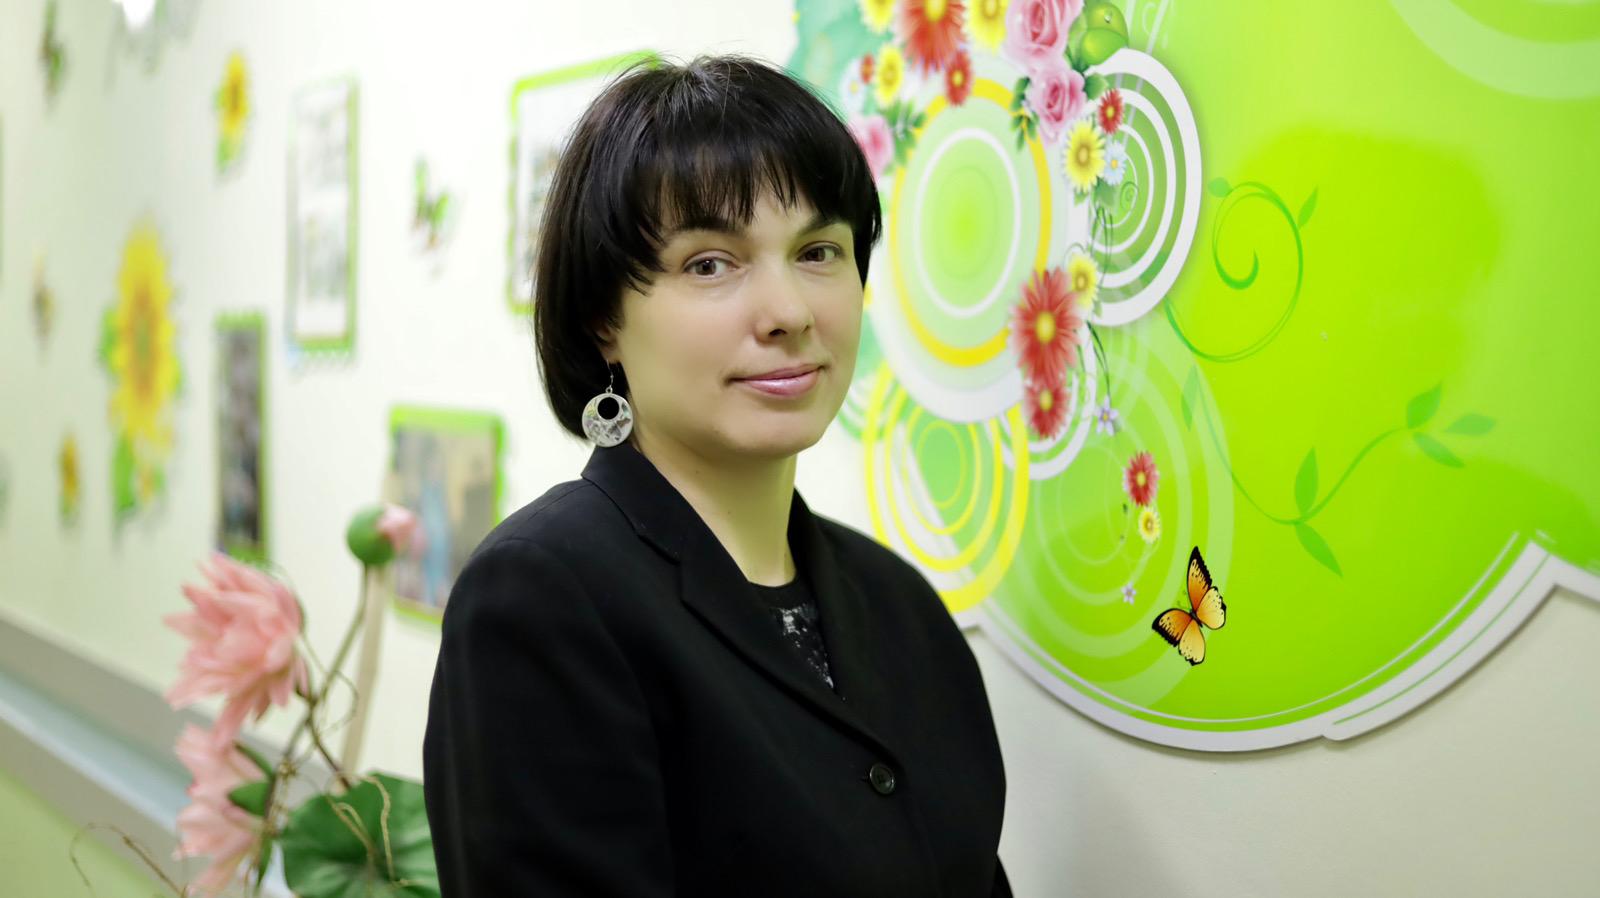 Кенисарина Светлана Витальевна - Преподаватель ИЗО